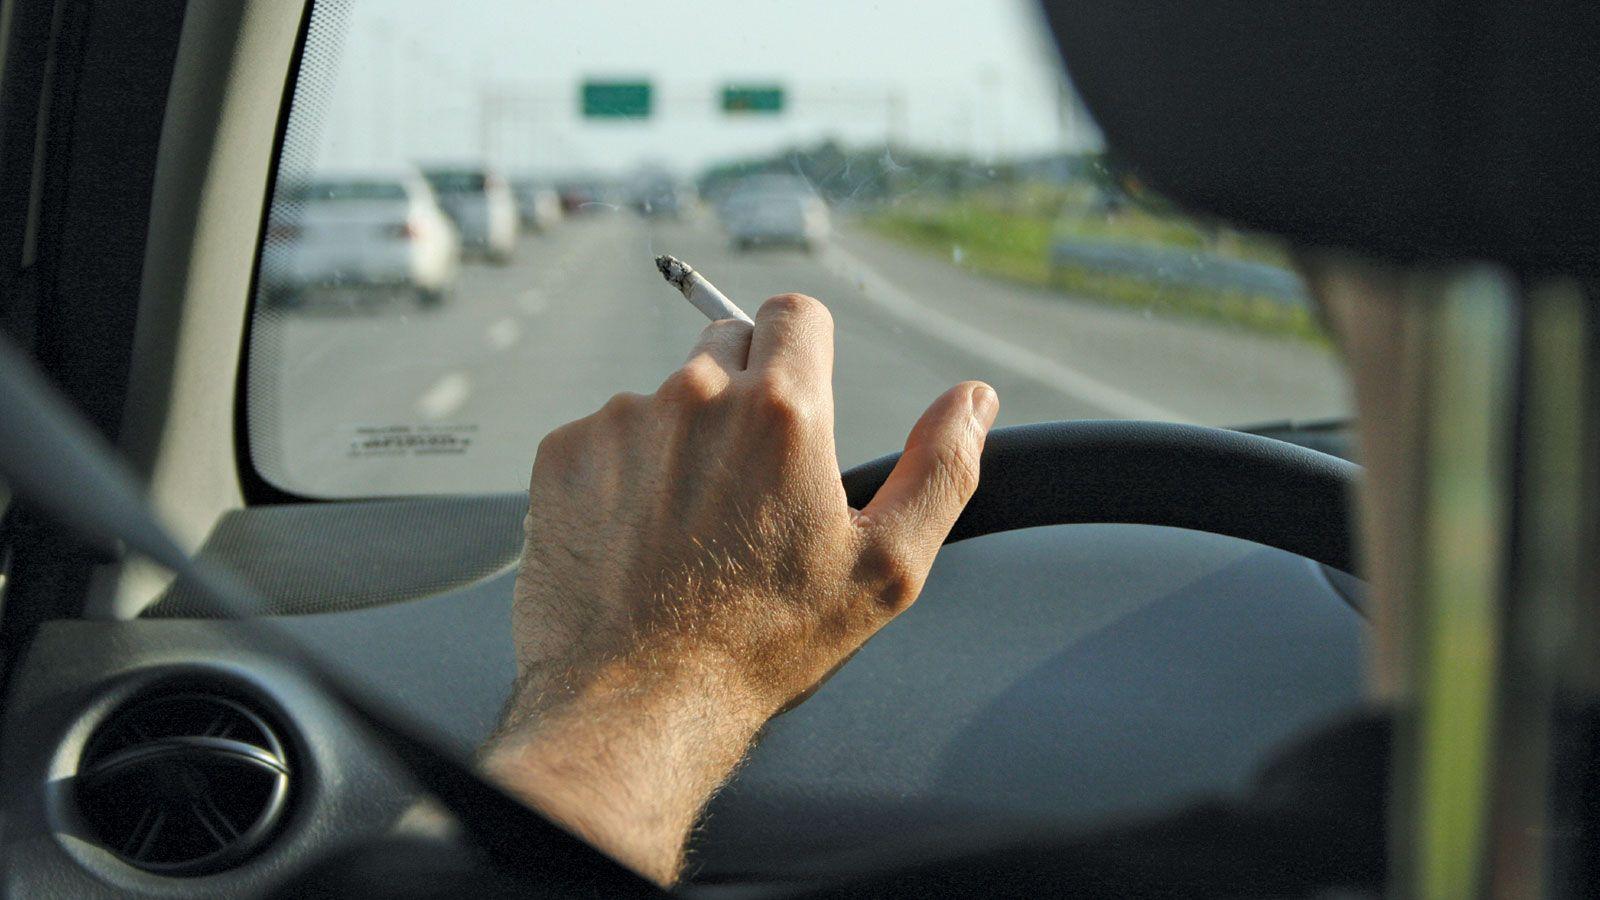 ΠΑΡΑΛΙΜΝΙ: Προδόθηκε από την μυρωδιά ο 30χρονος οδηγός